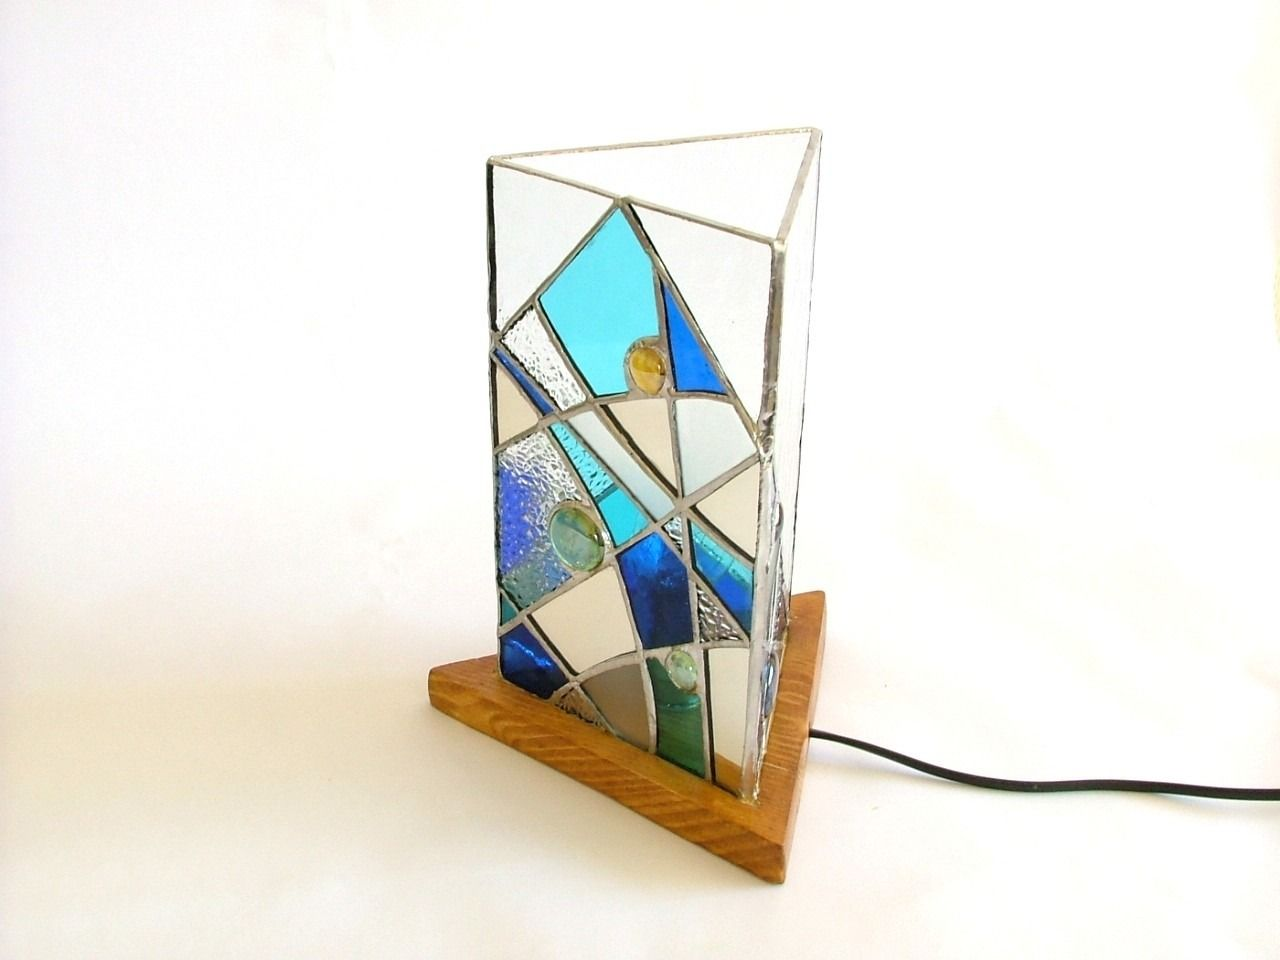 Lampe en vitrail tiffany triangulaire ton bleu et blanc luminaires par saccharine